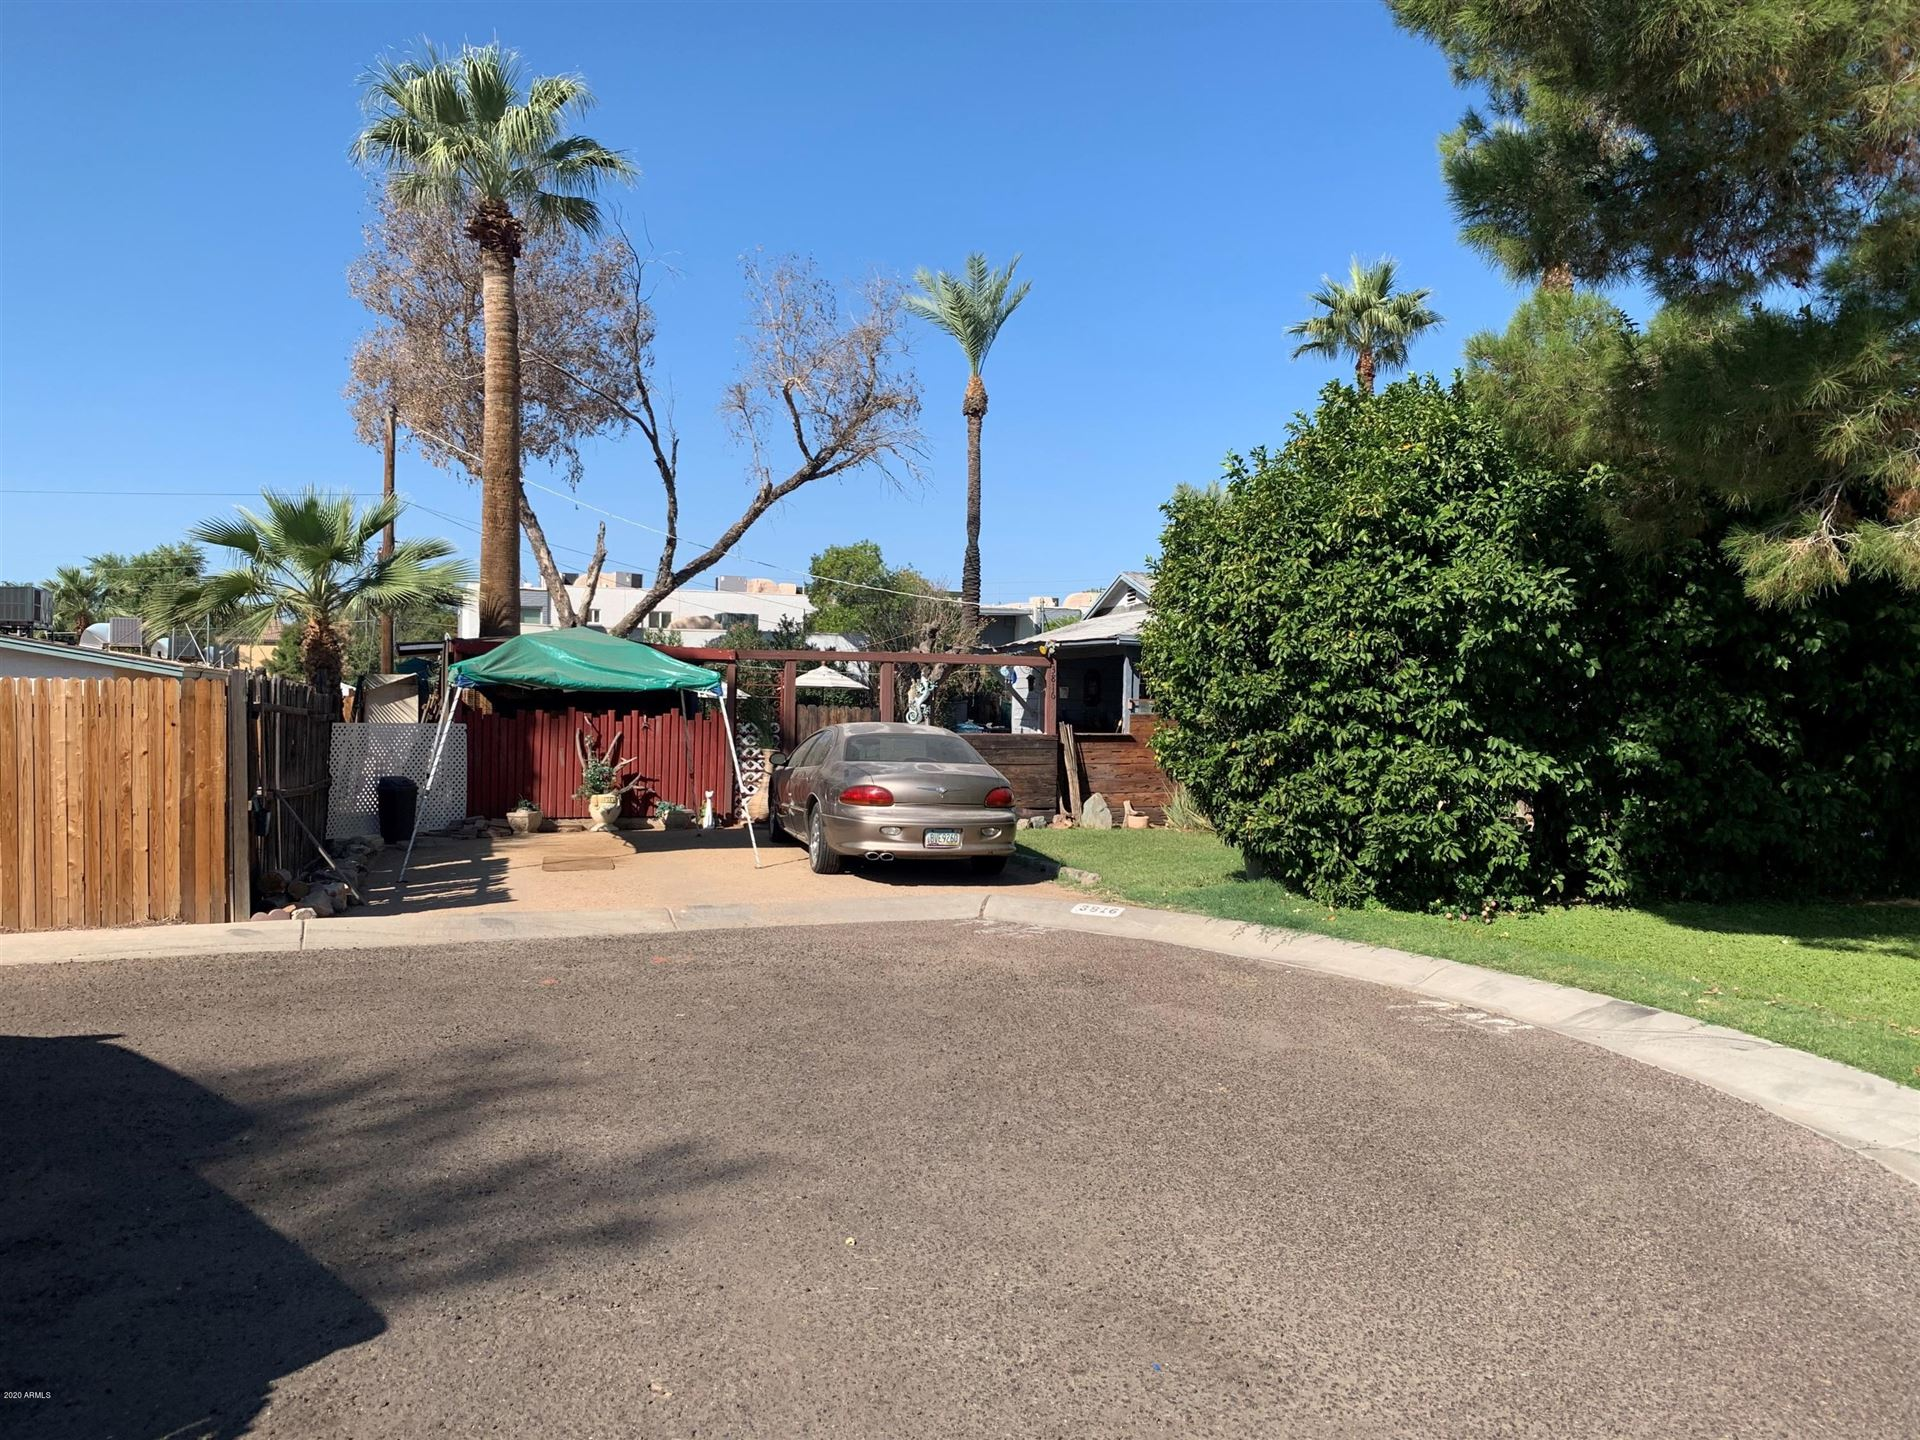 3816 E WHITTON Avenue, Phoenix, AZ 85018 - MLS#: 6152631